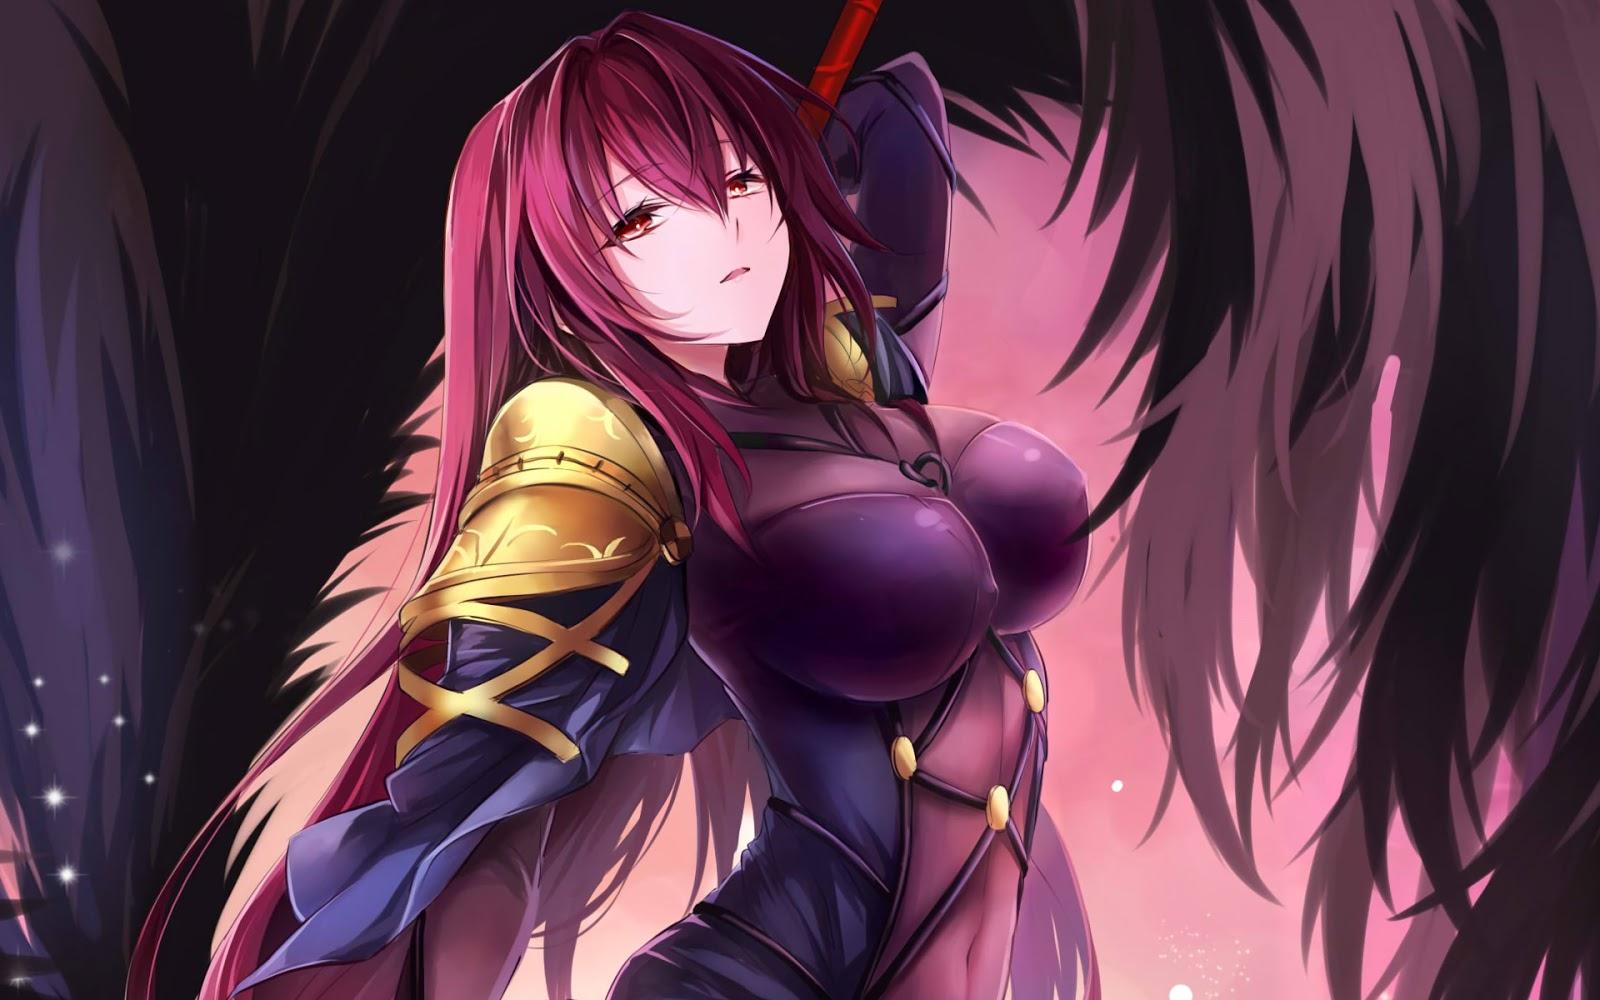 Fate AowVN%2B%252845%2529 - [ Hình Nền ] Anime Fate/GrandOrder tuyệt đẹp Full HD | Wallpaper